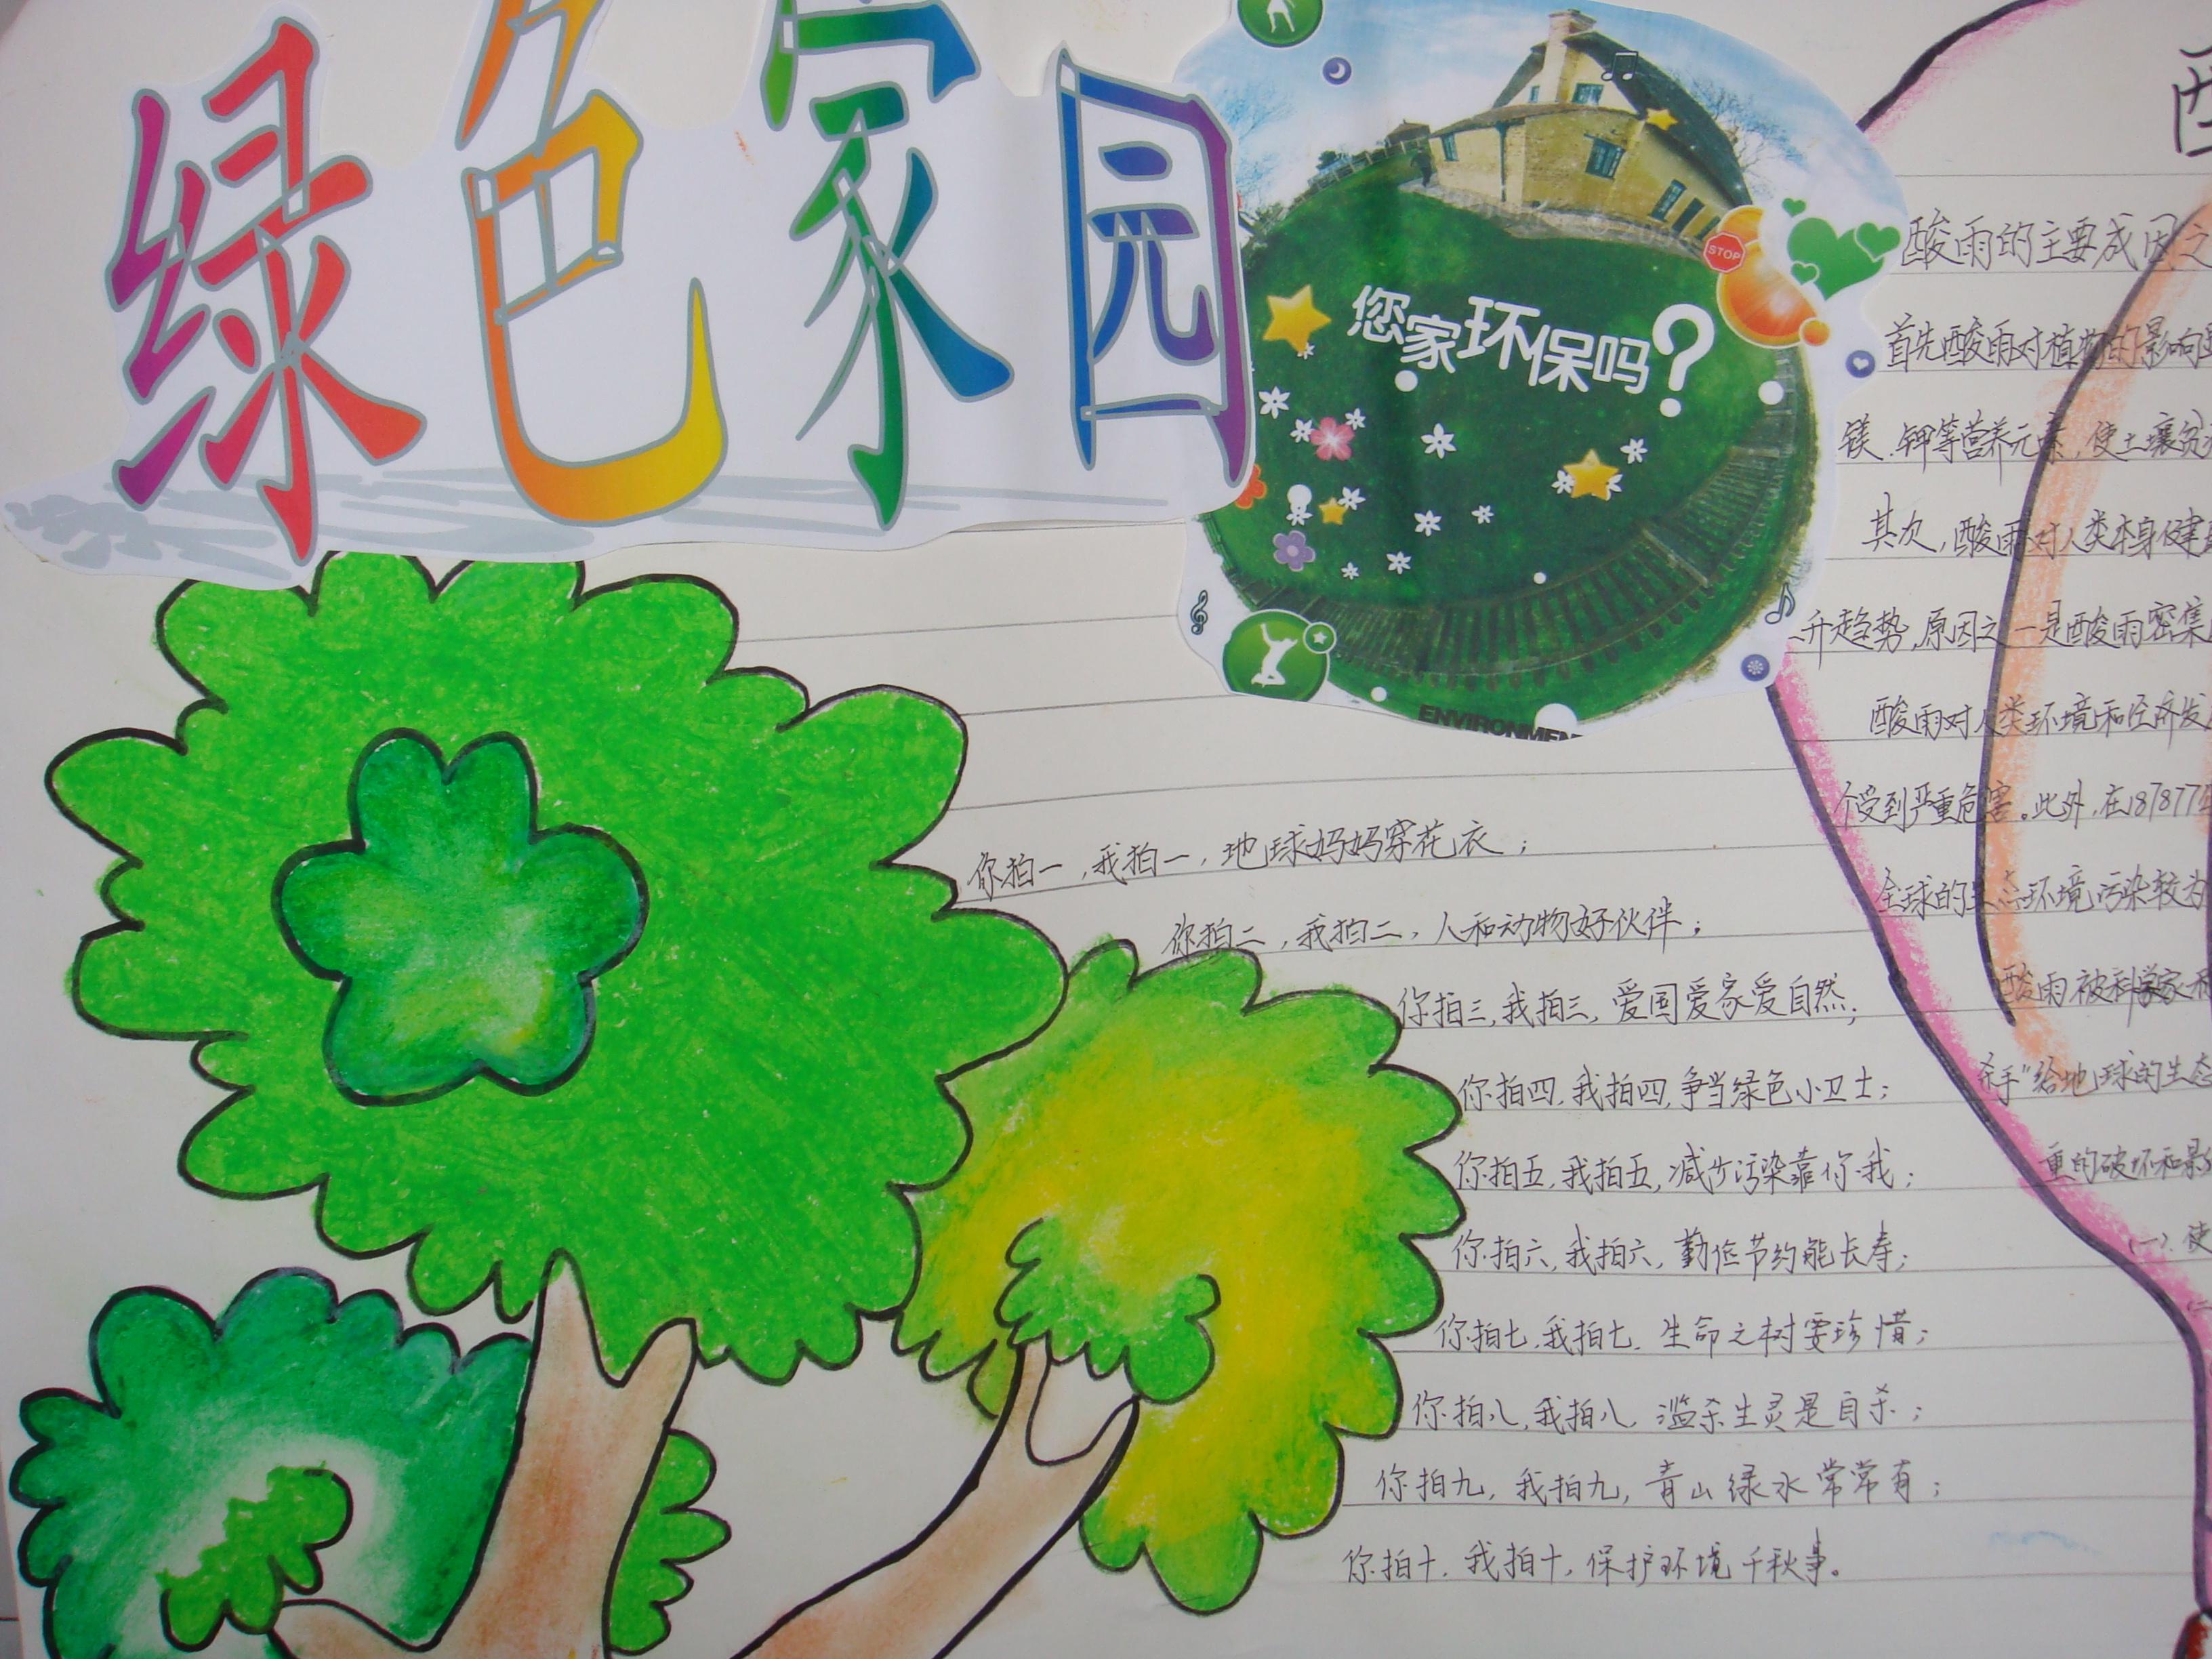 世界环境日手抄报——绿色家园_20字